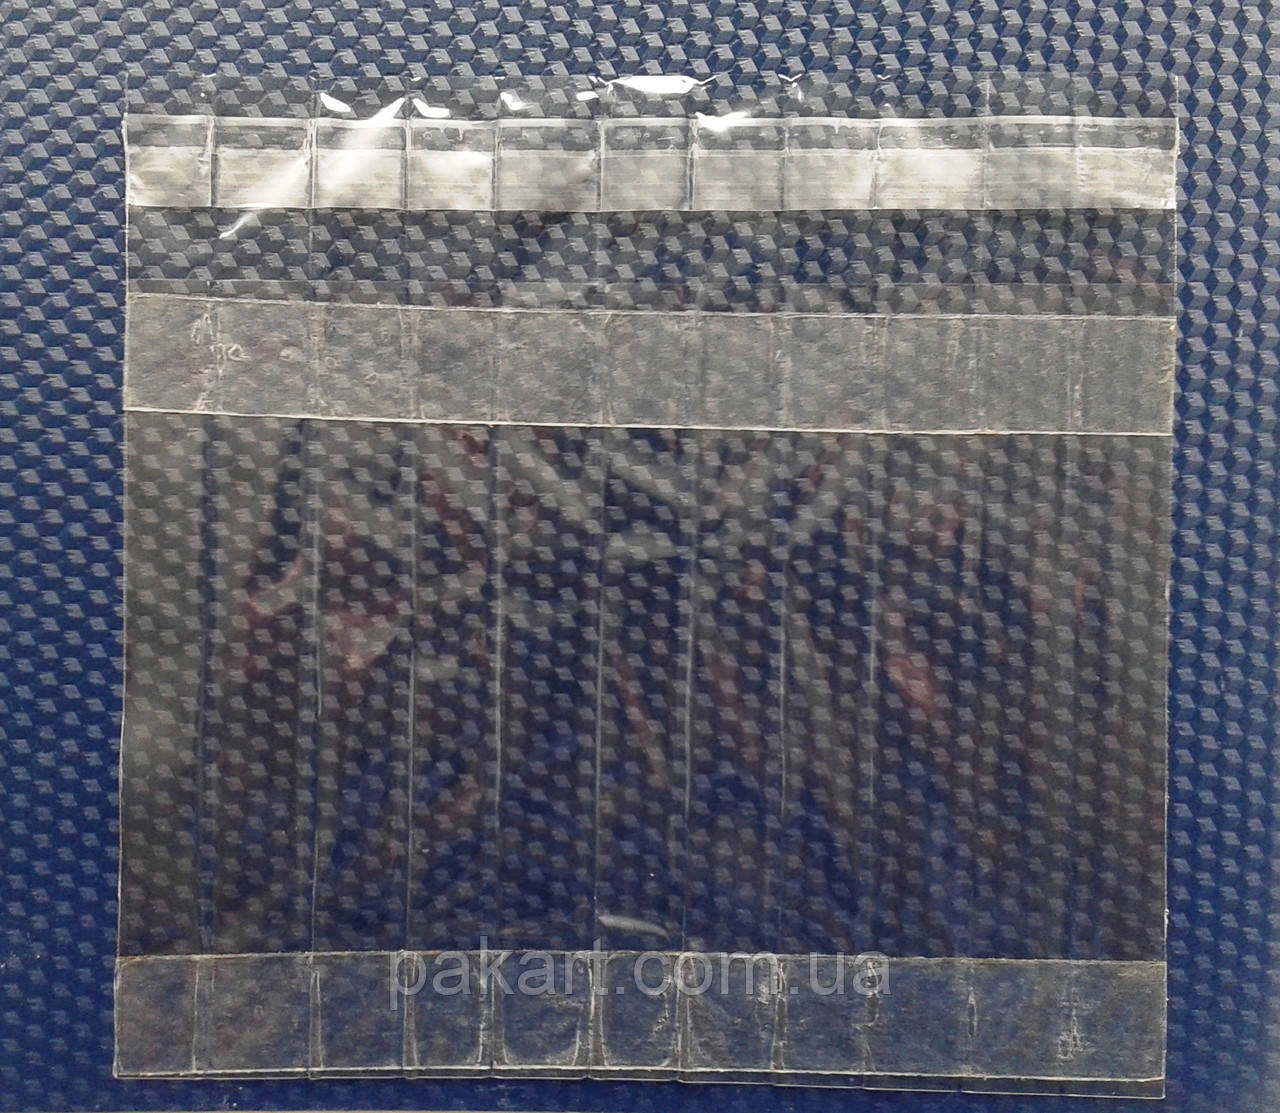 Пакеты полипропиленовые с ячейками.